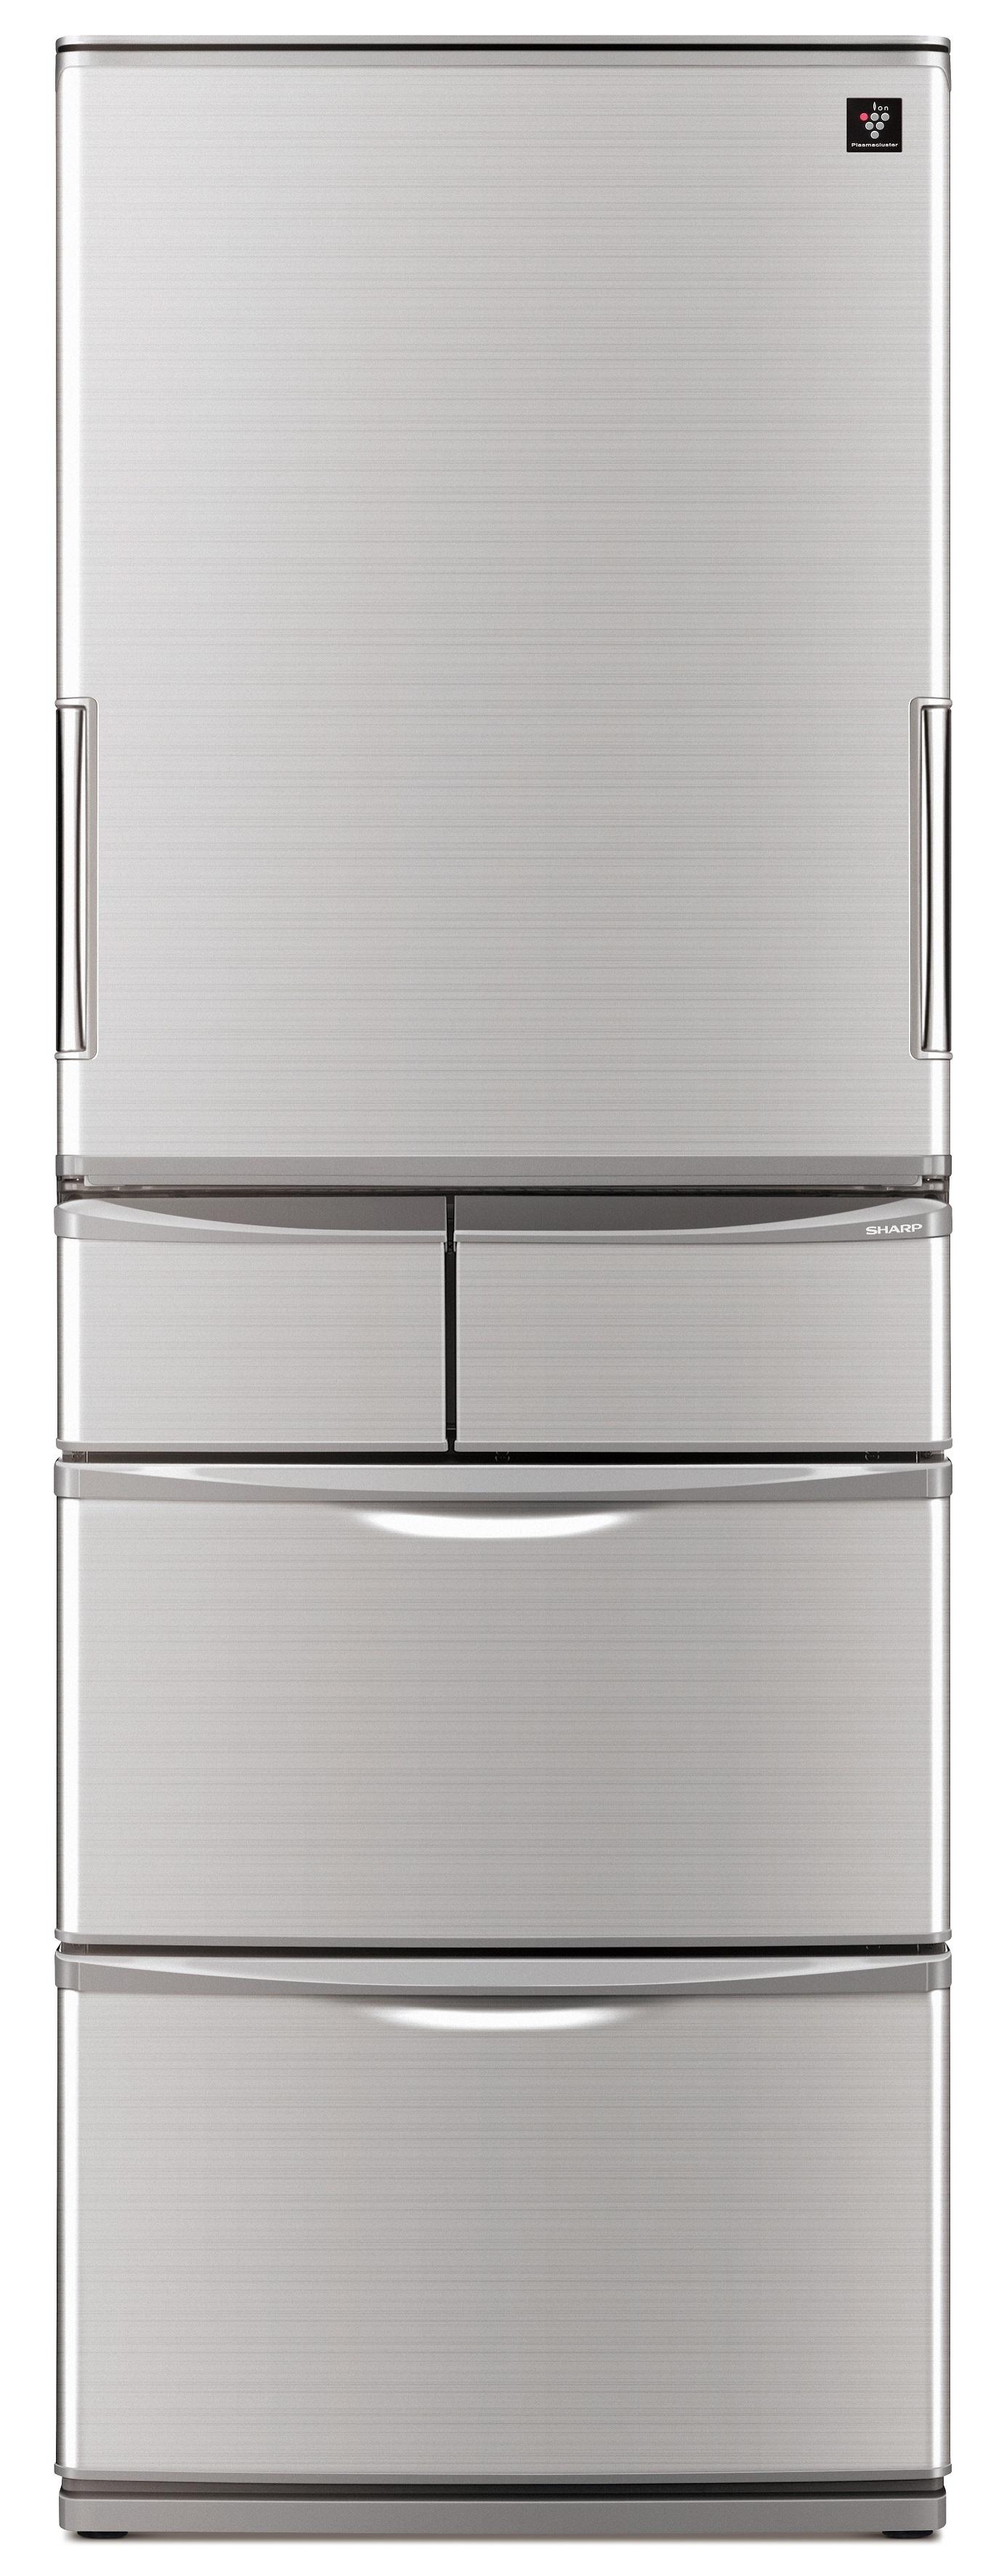 SHARP 夏普 SJ-XW44BT-N (晶燦銀) 變頻左右開五門冰箱 (440L) ~日本製~【零利率】※熱線07-7428010